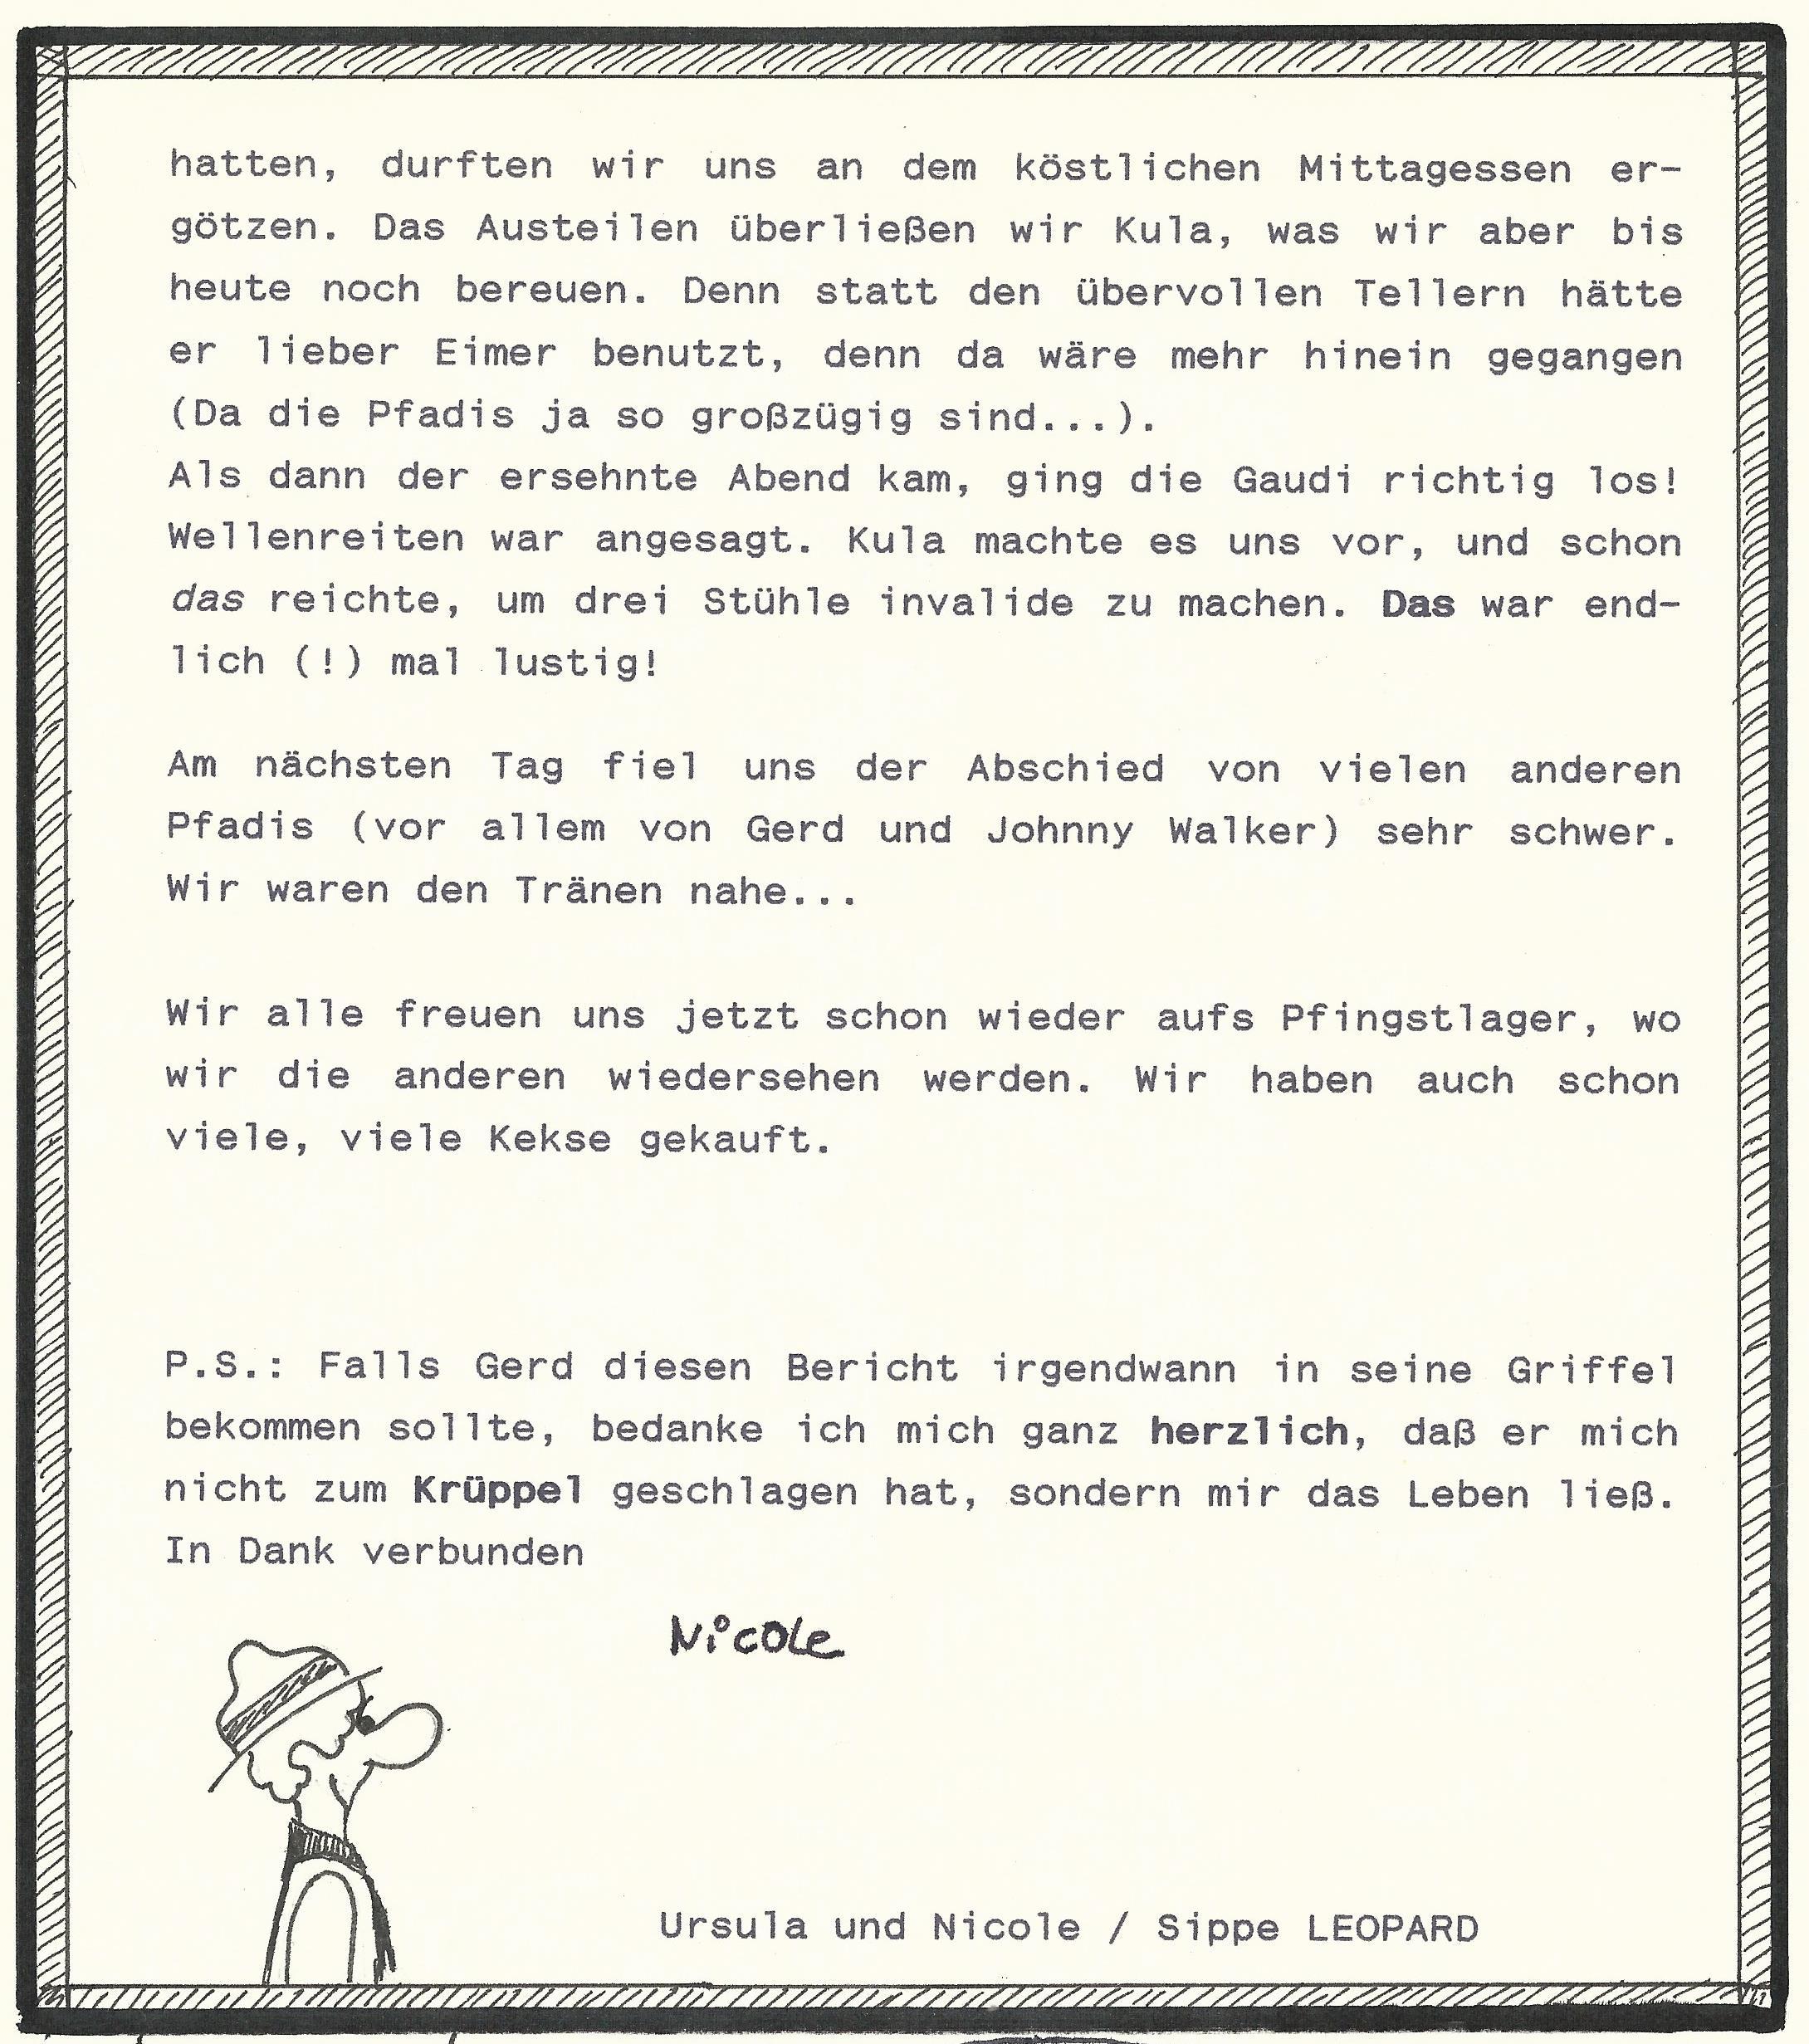 SiFüLehrgang 19910002